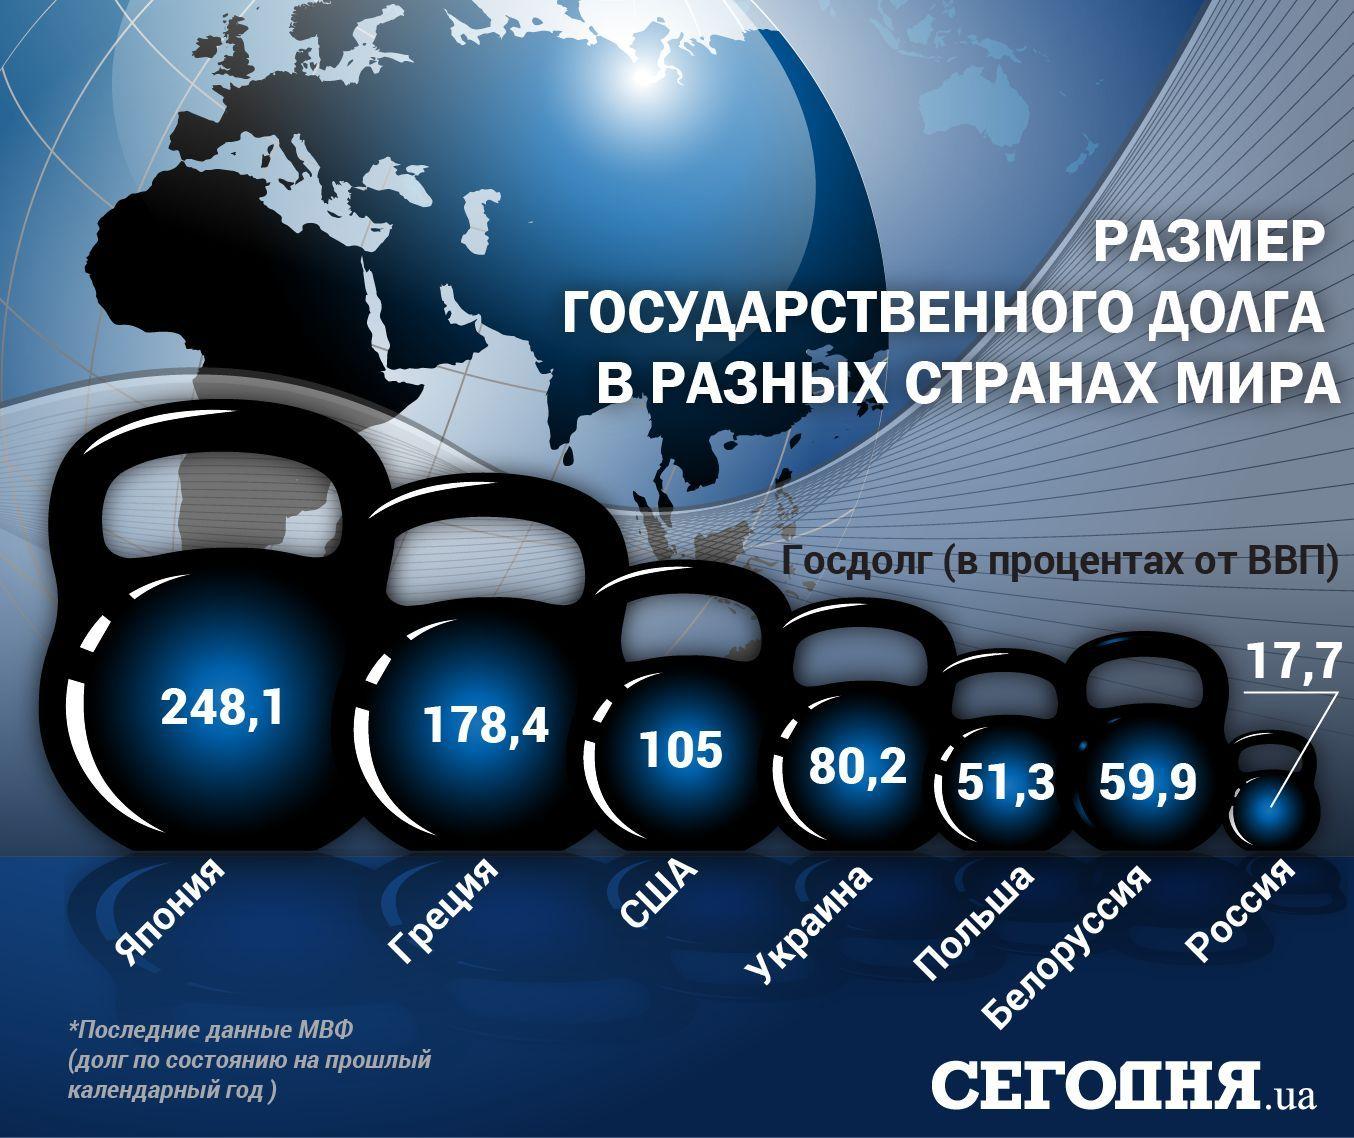 Госдолг Украины наконец октября составил 1 742,64 млрд гривен